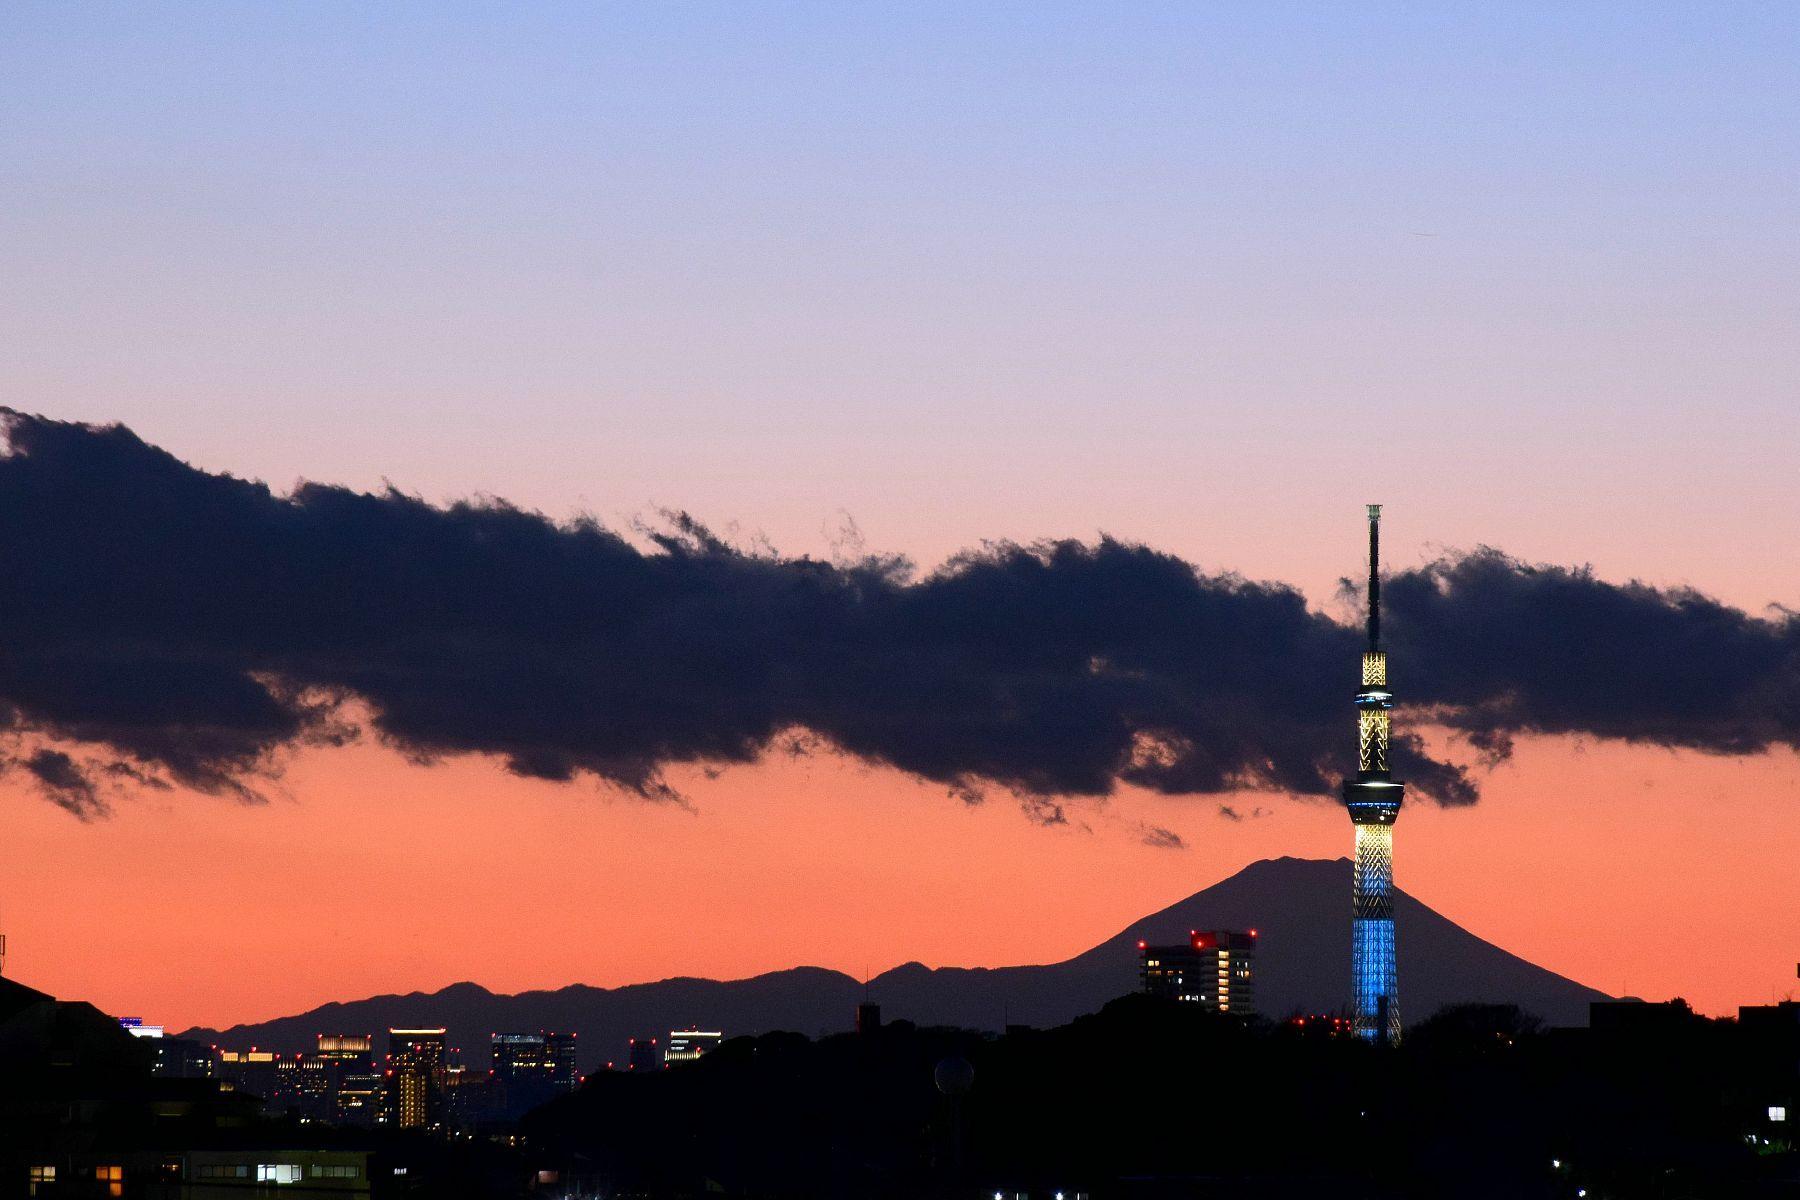 「曽谷高台からのスカイツリーと富士山」(市川市曽谷) 2016.02.04撮影のダイヤモンド富士と同じ場所で撮った夕景です。 空が遠くまですっきりと澄み渡った日には、スカイツリーの背後に富士山と丹沢~大山の稜線がくっきり浮かび、その手前の真間山の切れ目からは都内のビル群が顔を覗かせます。 Sunset view of Mount Fuji and Tokyo Sky Tree From Soya,Ichikawa City,Japan